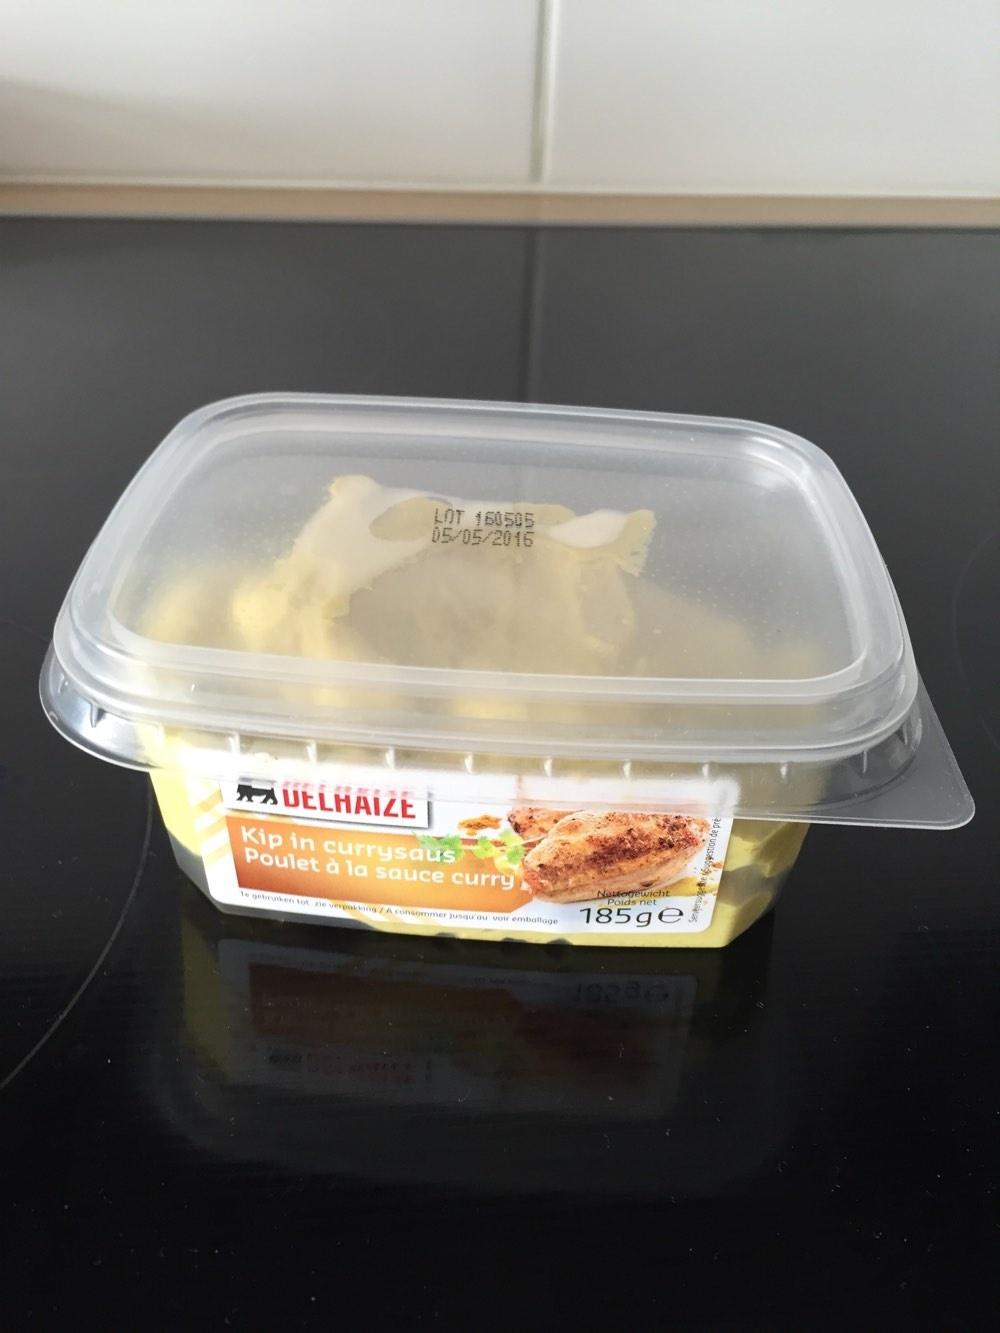 Salade De Poulet Curry - Product